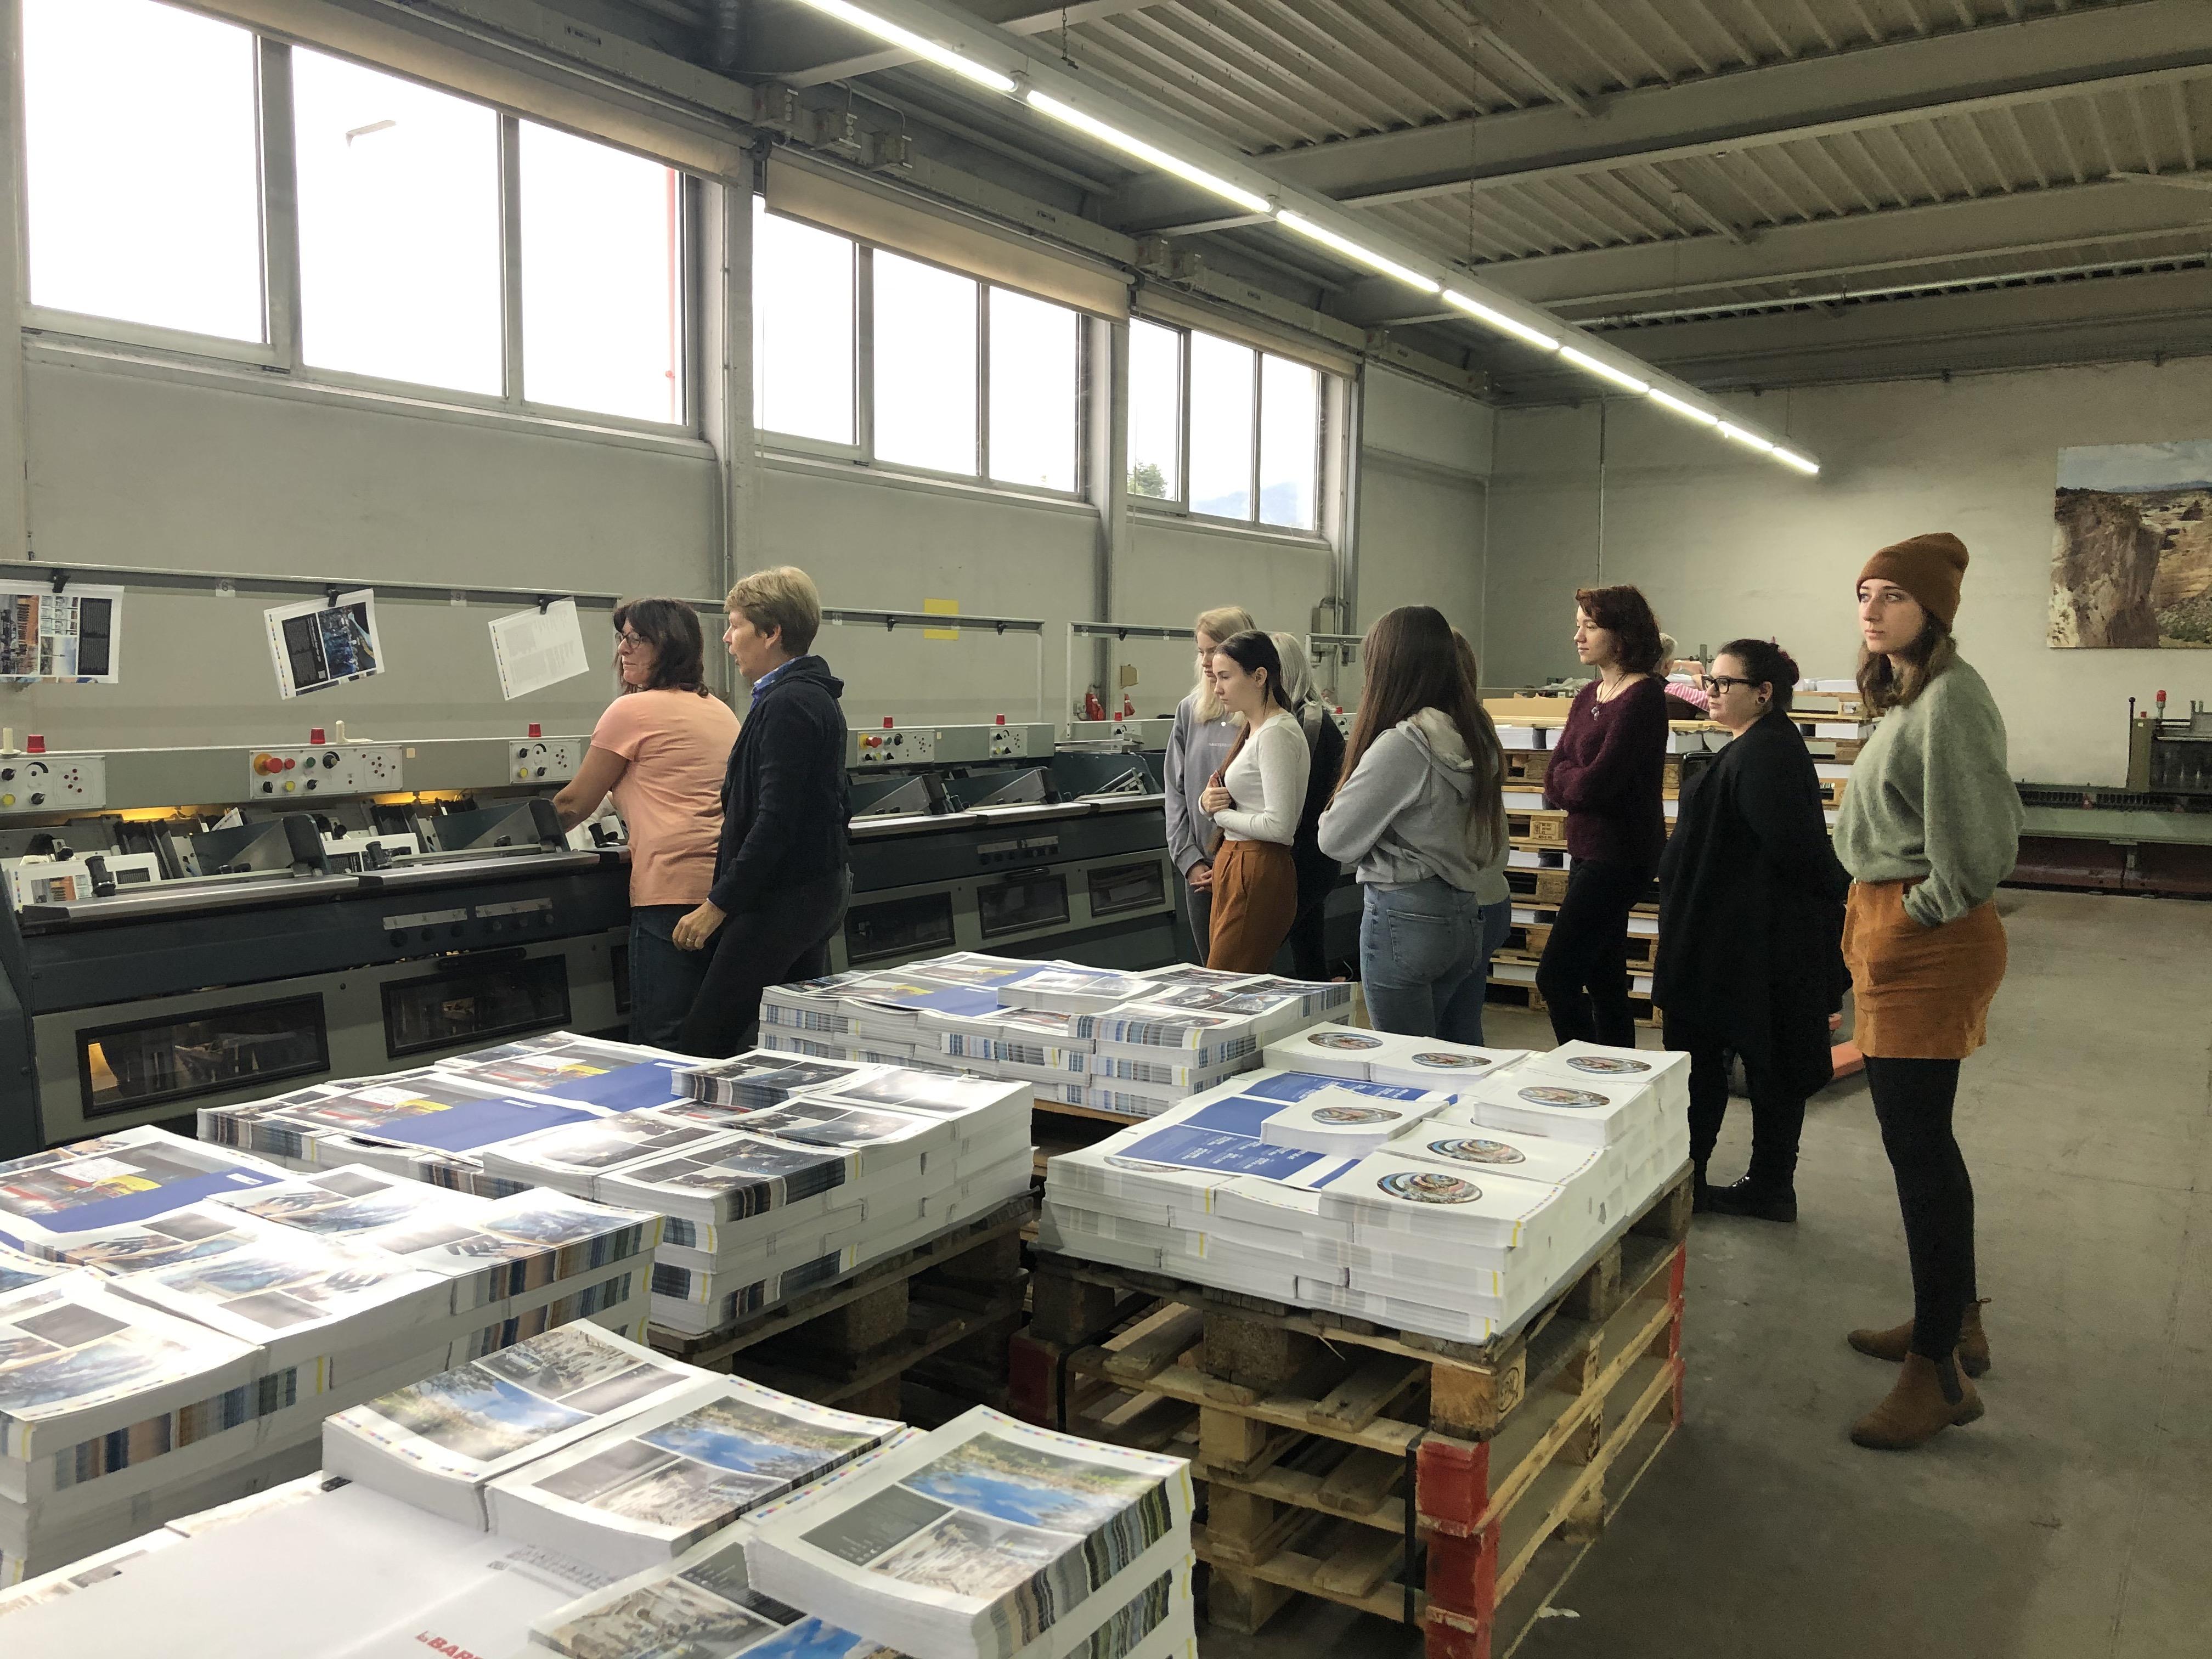 Exkursion Buchbinderei Spinner 2019 Betriebsführung 2